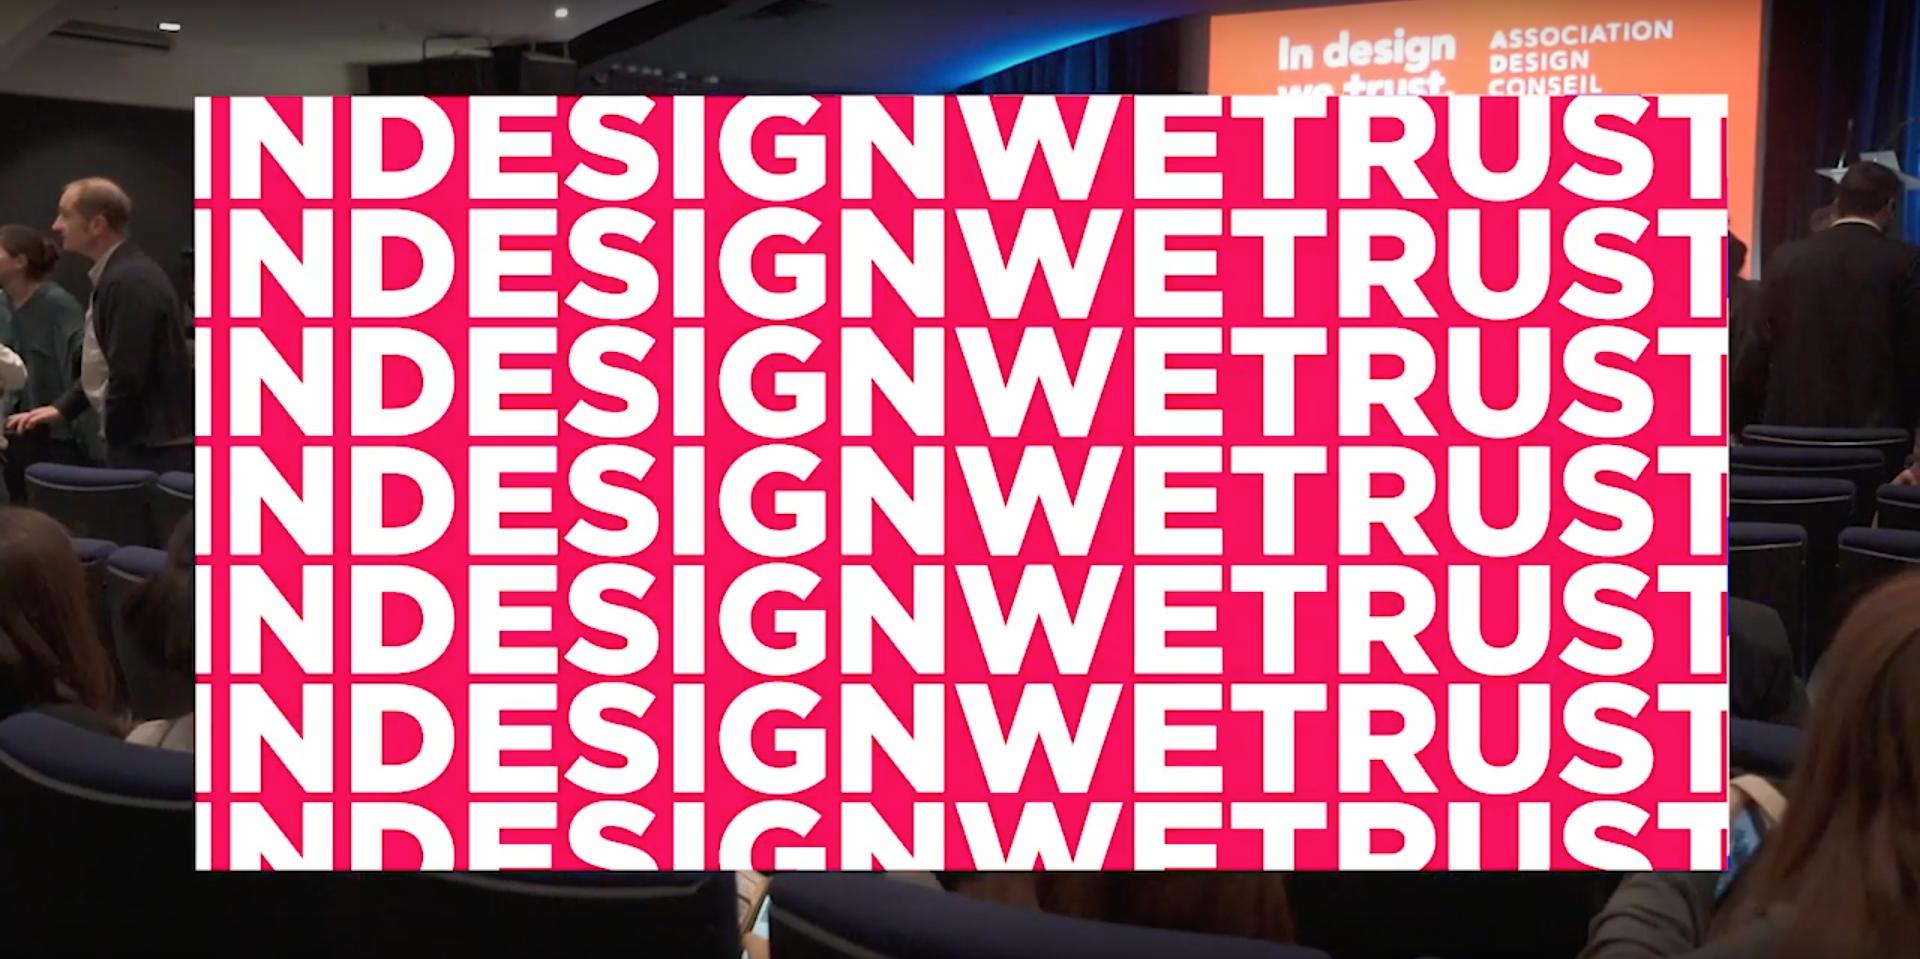 InDesignWeTrust-design-paris